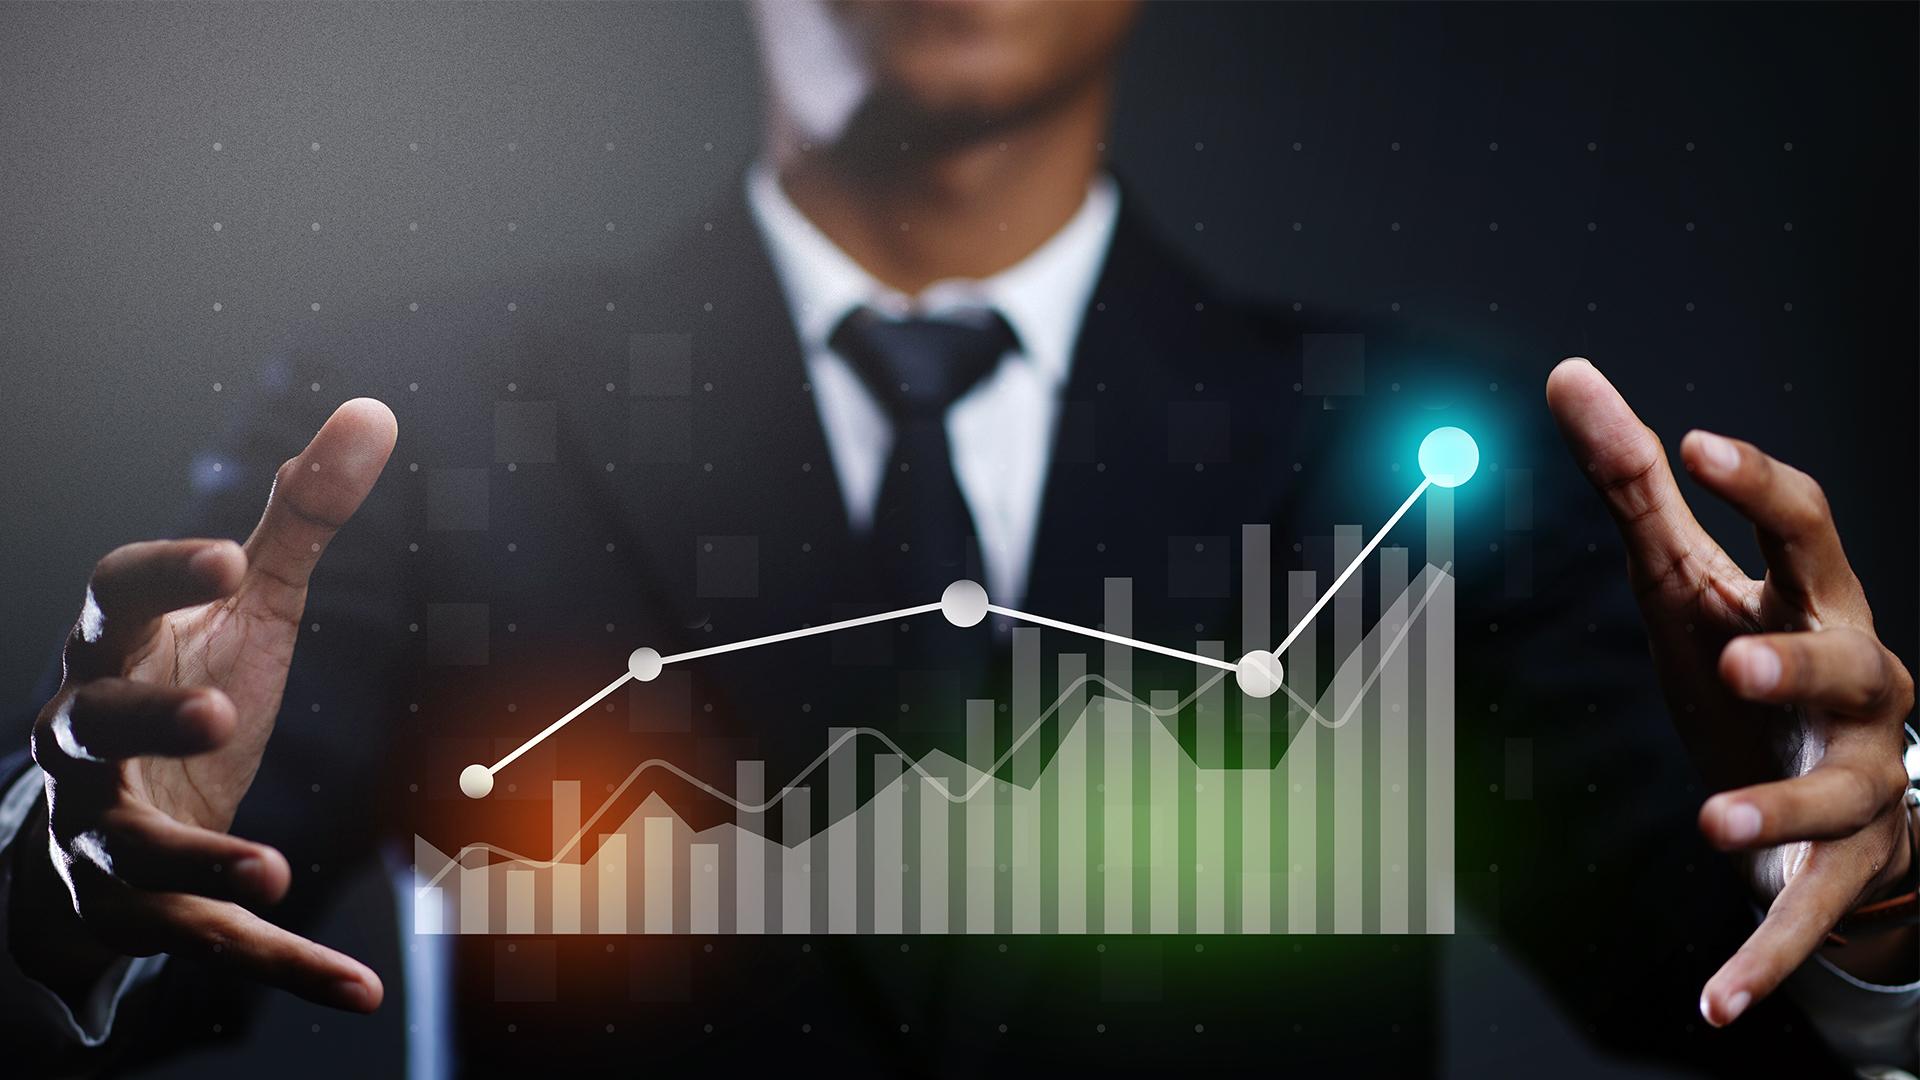 lumpsum investment mutual funds